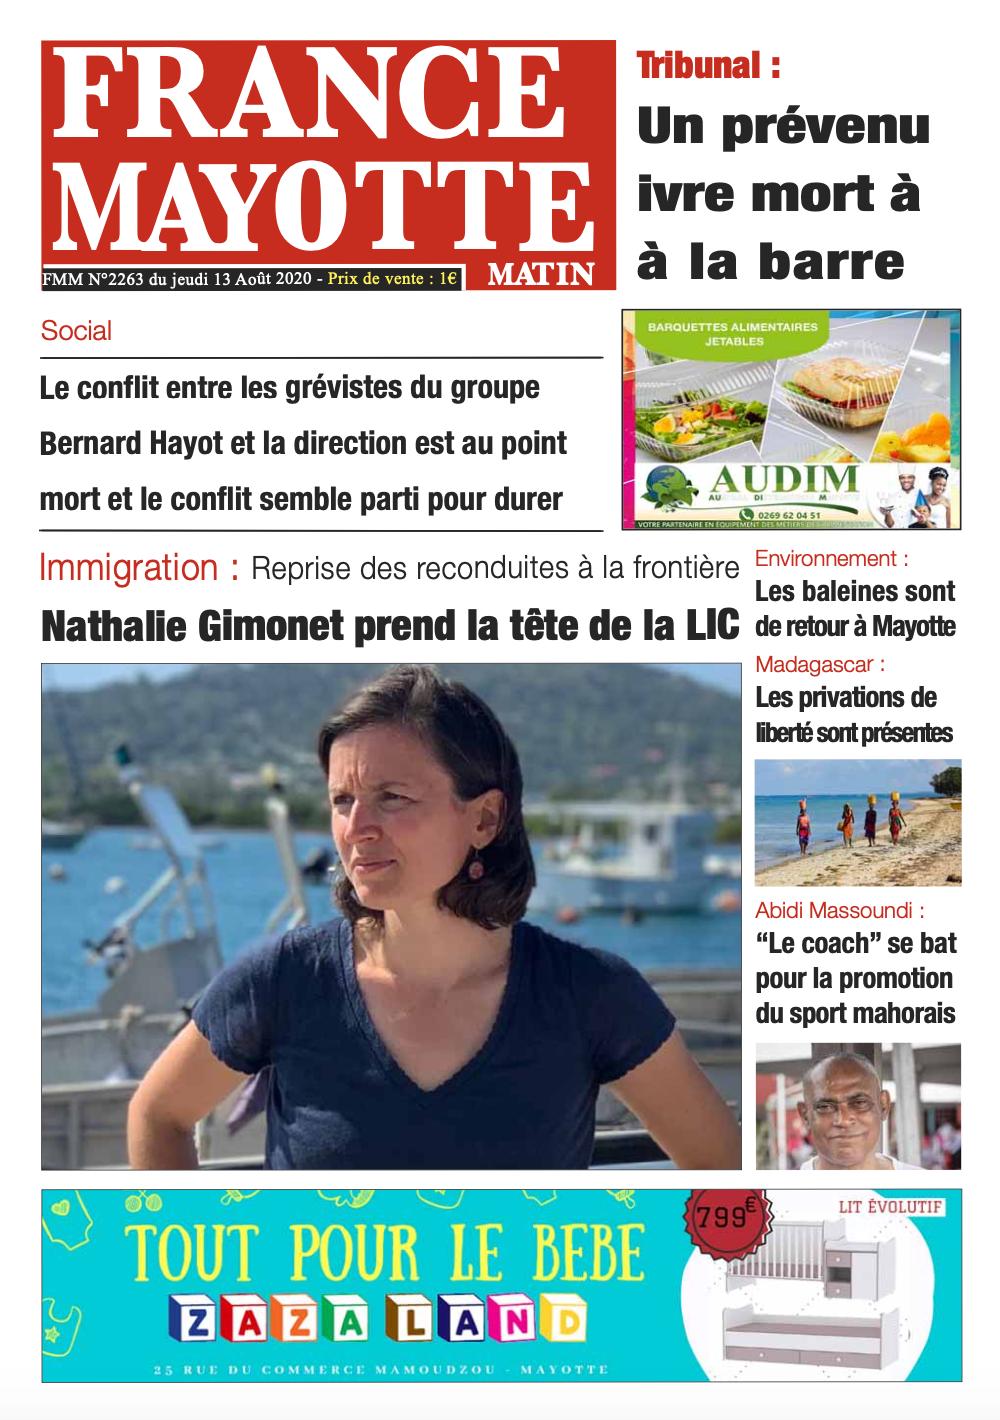 France Mayotte Jeudi 13 août 2020